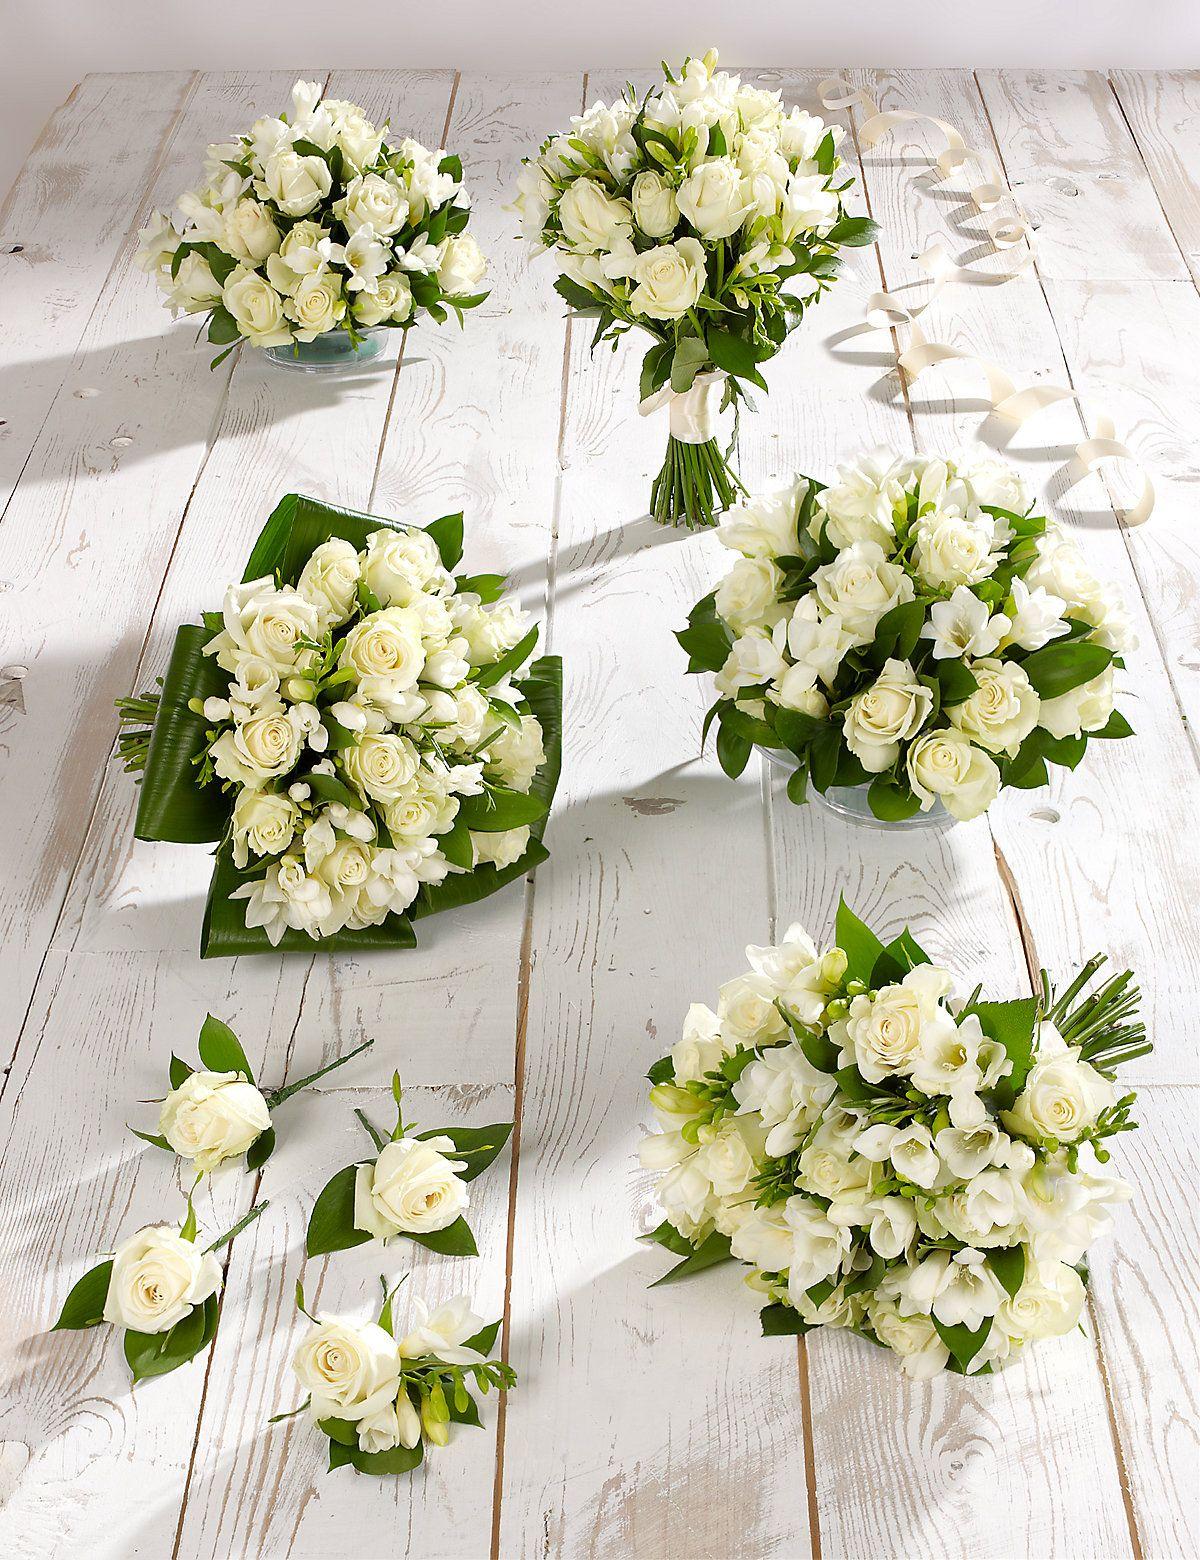 White rose freesia wedding flowers collection 3 weddings white rose freesia wedding flowers collection 3 izmirmasajfo